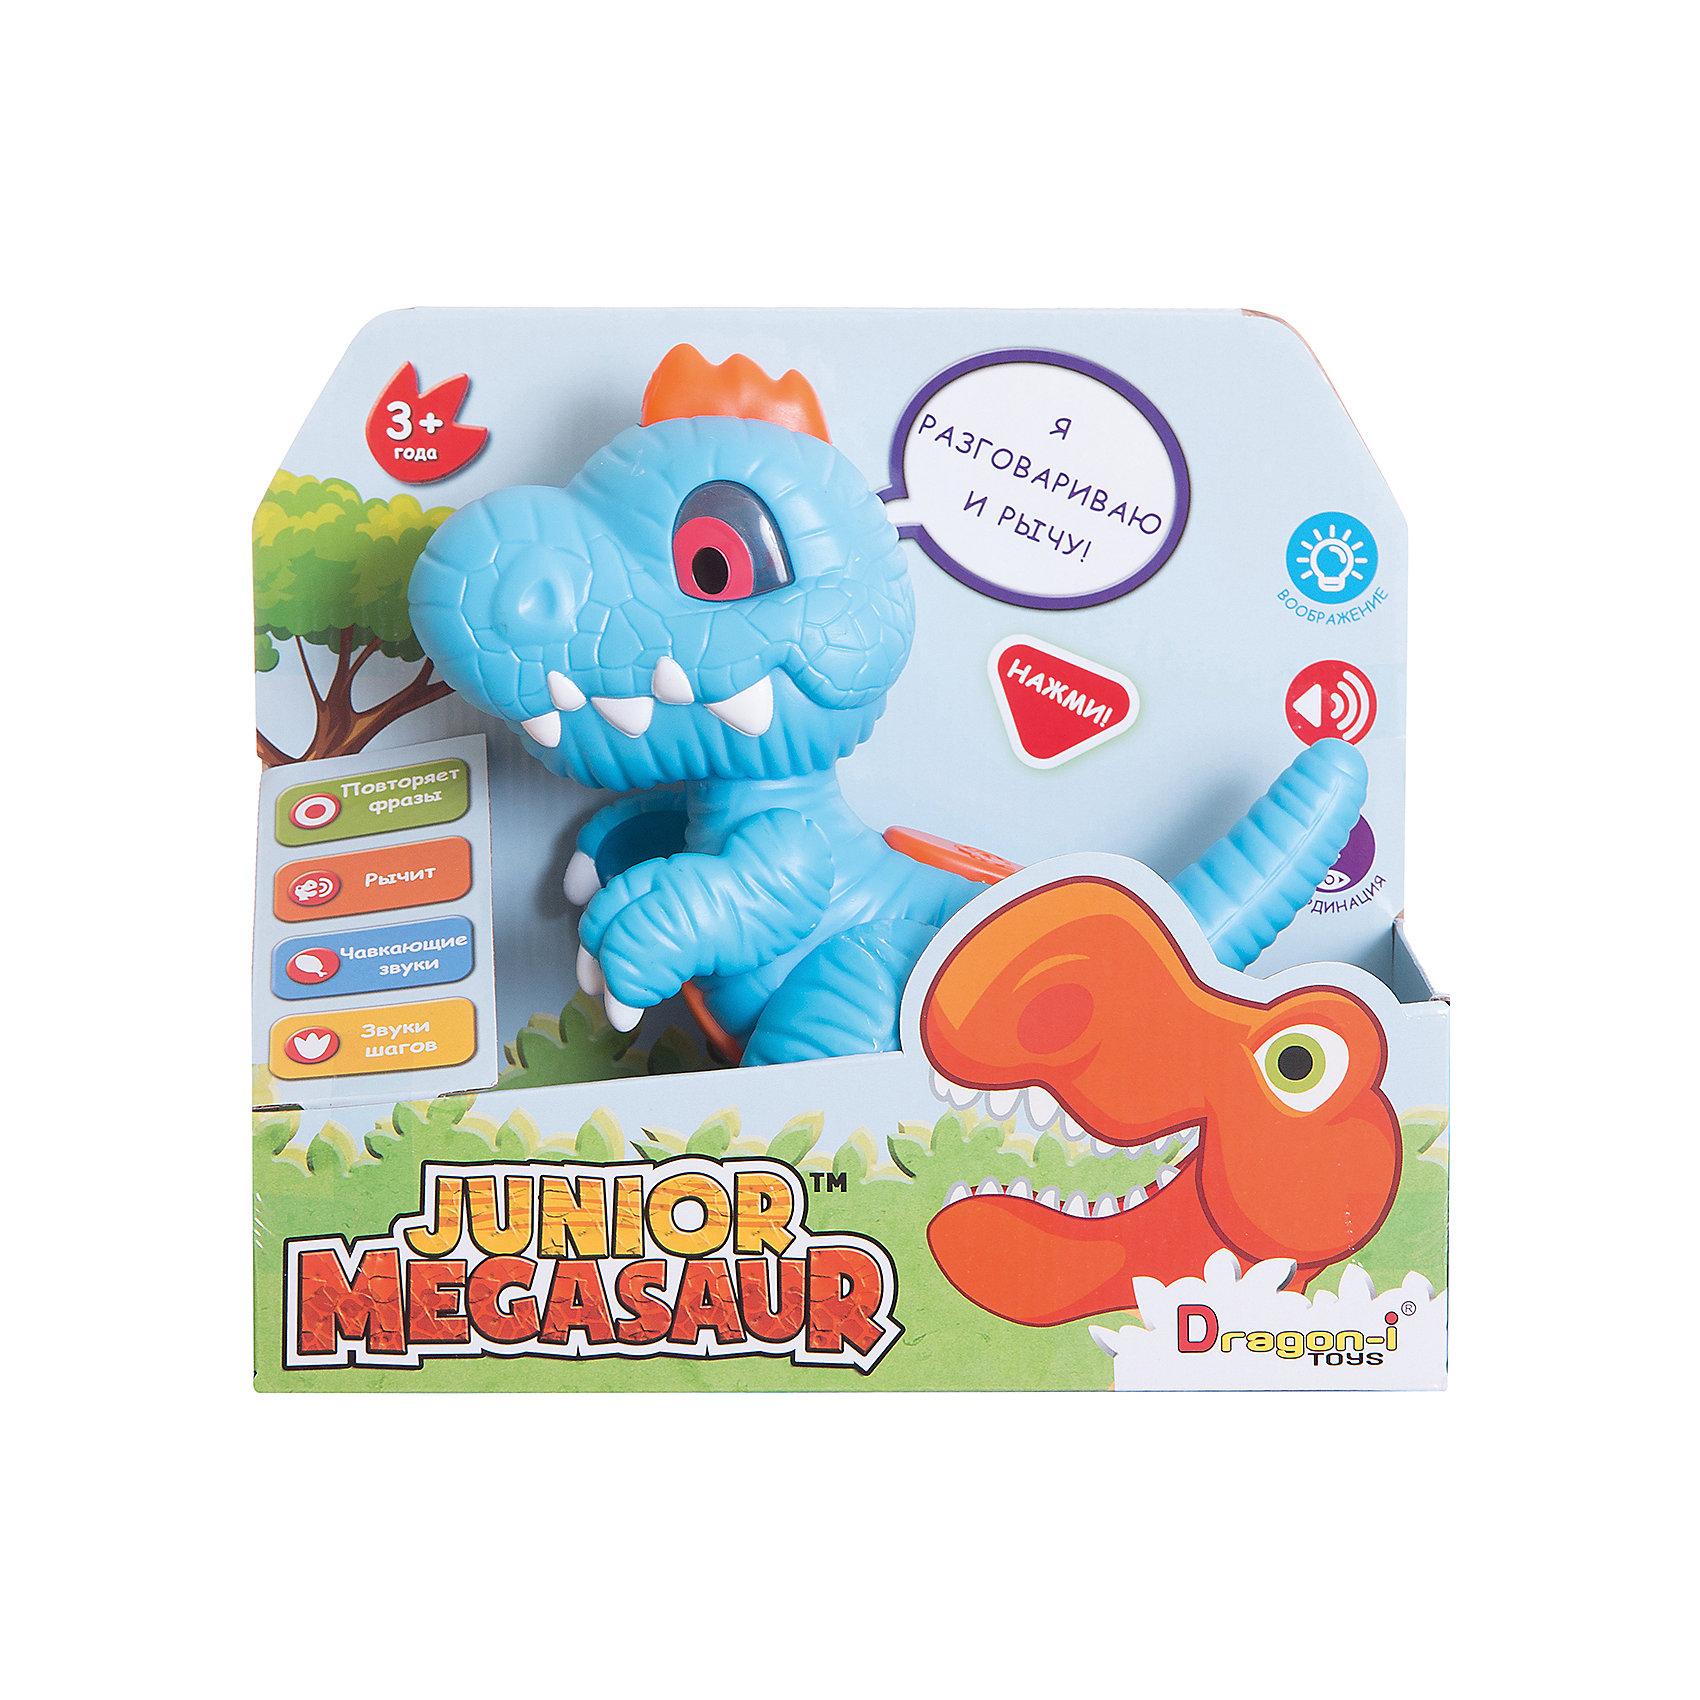 Игрушка Динозавр-повторюшка, со светом и звуком, Junior MegasaurДраконы и динозавры<br>Характеристики товара:<br><br>• возраст: от 3 лет;<br>• материал: пластик;<br>• размер упаковки:31х11х26 см;<br>• вес упаковки: 593 гр.;<br>• тип батареек : 3 батарейки ААА ;<br>• наличие батареек : демонстрационные батарейки;<br>•страна обладатель бренда: США.             <br>   <br>Перед вами очаровательный динозаврик-повторюшка. Он выглядит невероятно мило, выполнен в голубом цвете с оранжевыми элементами, белыми клыками и когтями. <br><br>Если нажать ему на спинку, он зарычит. Если нажать на животик, динозавр начнёт издавать звуки, словно он что-то с аппетитом кушает. Нажмите на его лапку, чтобы услышать, как динозаврик топает. А при нажатии на голову, он начнёт повторять сказанные вами фразы смешным голосом: понравится даже взрослым! При этом всем у него светятся глазки. Он очень милый и симпатичный!   <br><br>Игрушку Динозавр -повторюшка  можно приобрести в нашем интернет-магазине.<br><br>Ширина мм: 280<br>Глубина мм: 110<br>Высота мм: 240<br>Вес г: 593<br>Возраст от месяцев: 36<br>Возраст до месяцев: 2147483647<br>Пол: Мужской<br>Возраст: Детский<br>SKU: 6916224